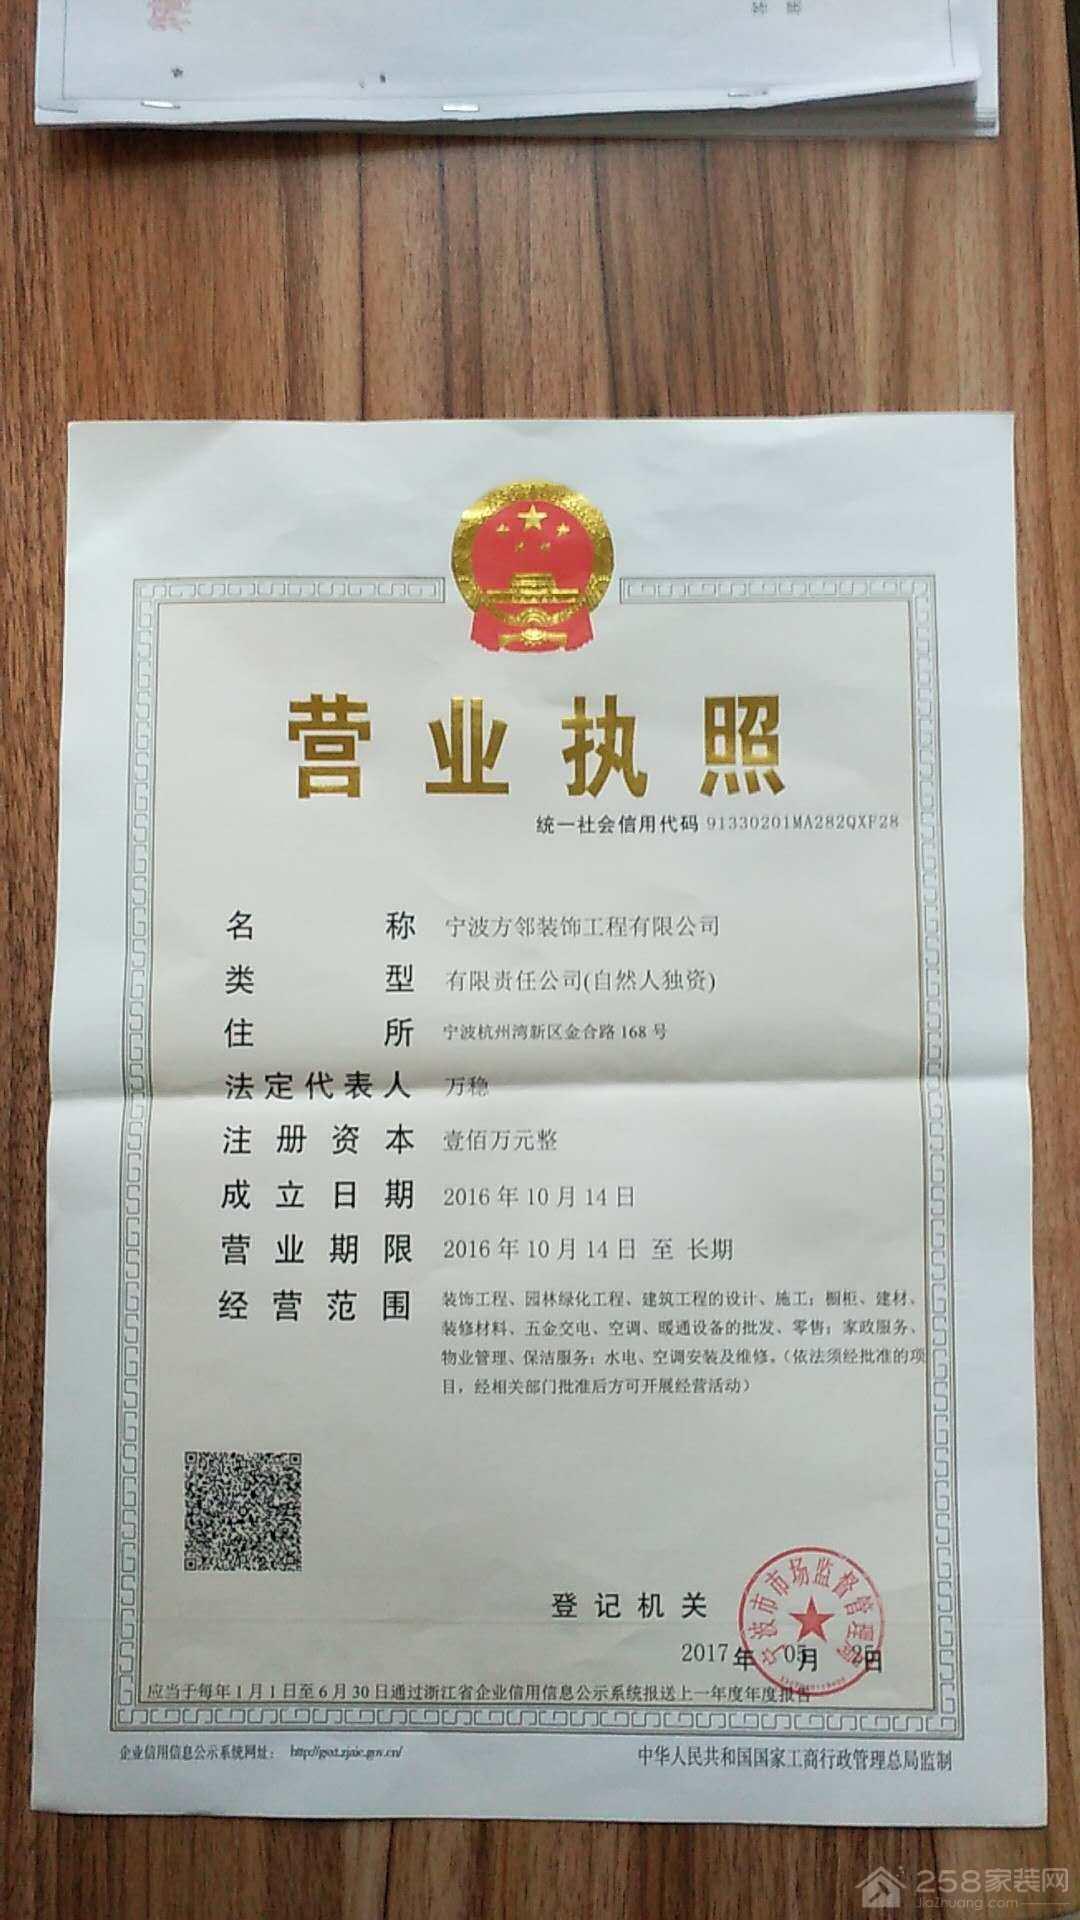 宁波方邻装饰工程有限公司